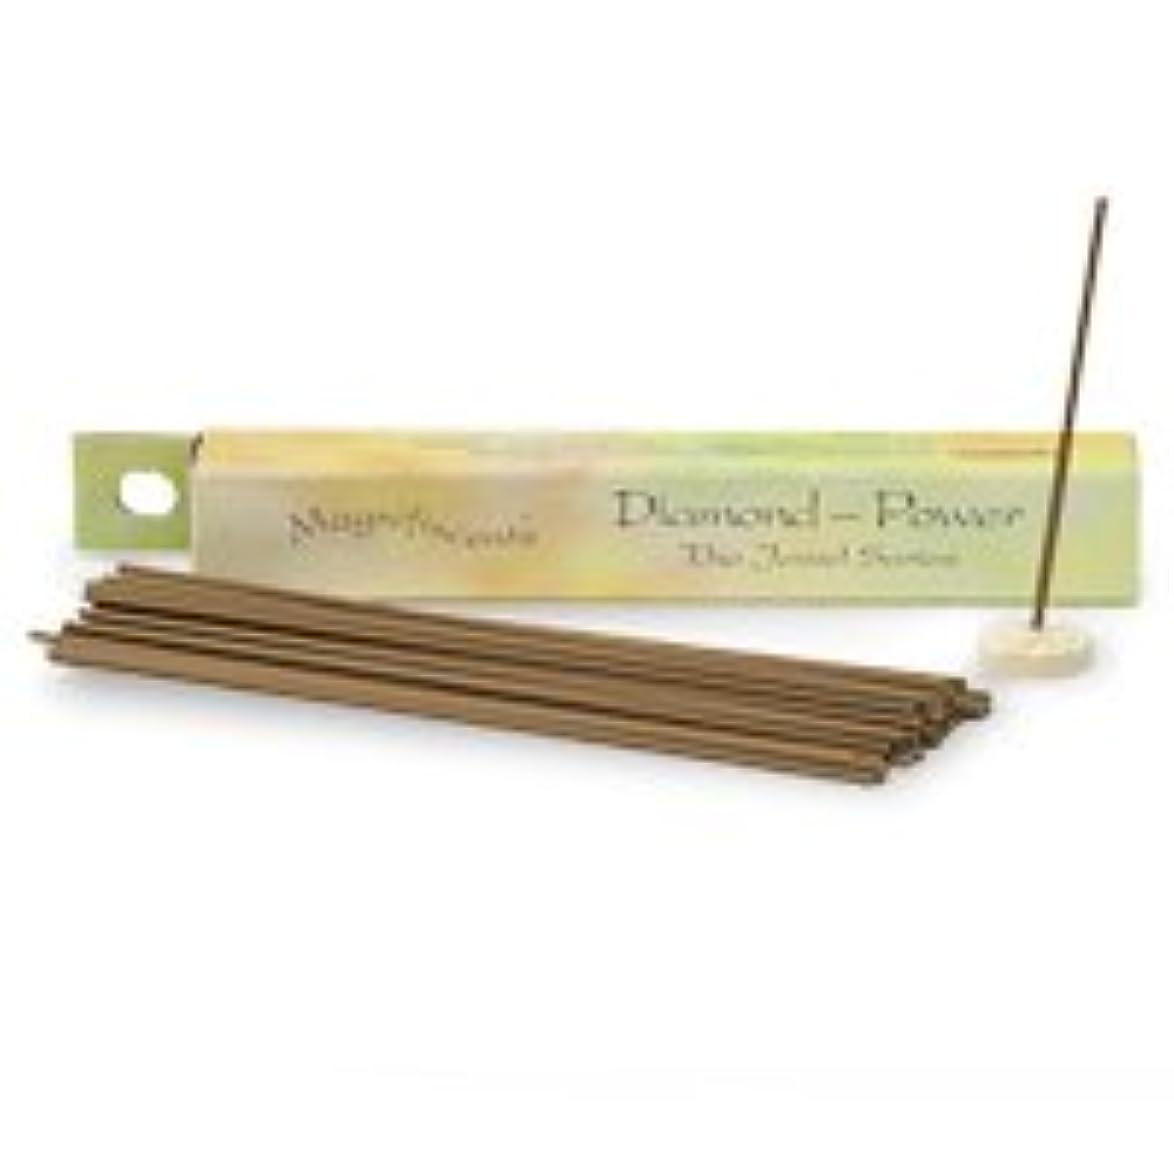 拍手する補体ディスパッチShoyeido – Magnifiscentsジュエルシリーズ自然Incenseアメジストバランス 30 Stick(s) レッド 20102